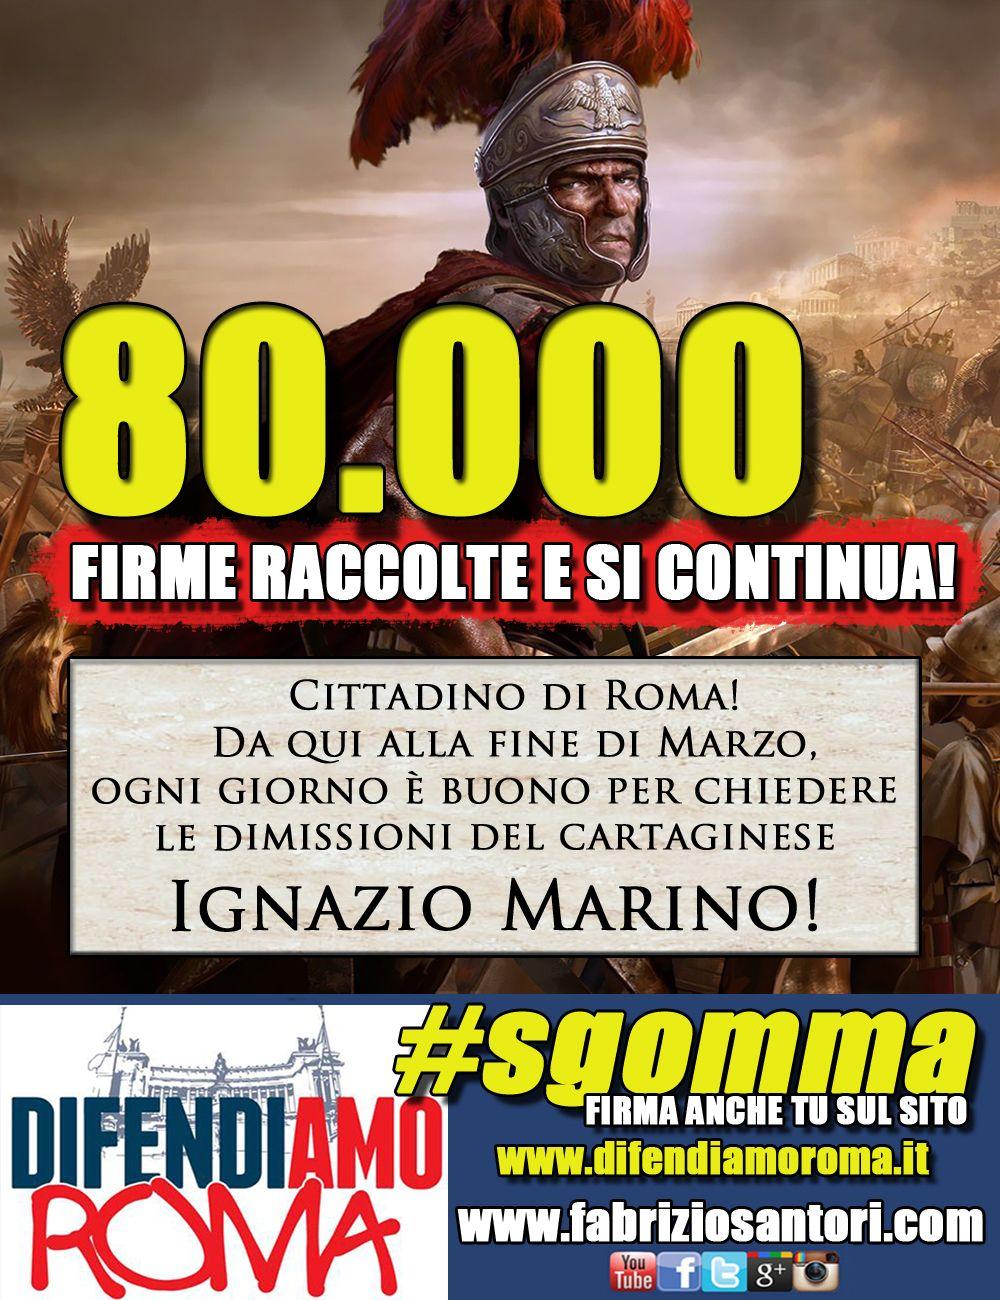 Fuori il Cartaginese da Roma #marino #sgomma raccolte 80.000 firme e si va avanti FIRMA ANCHE TU www.difendiamoroma.it